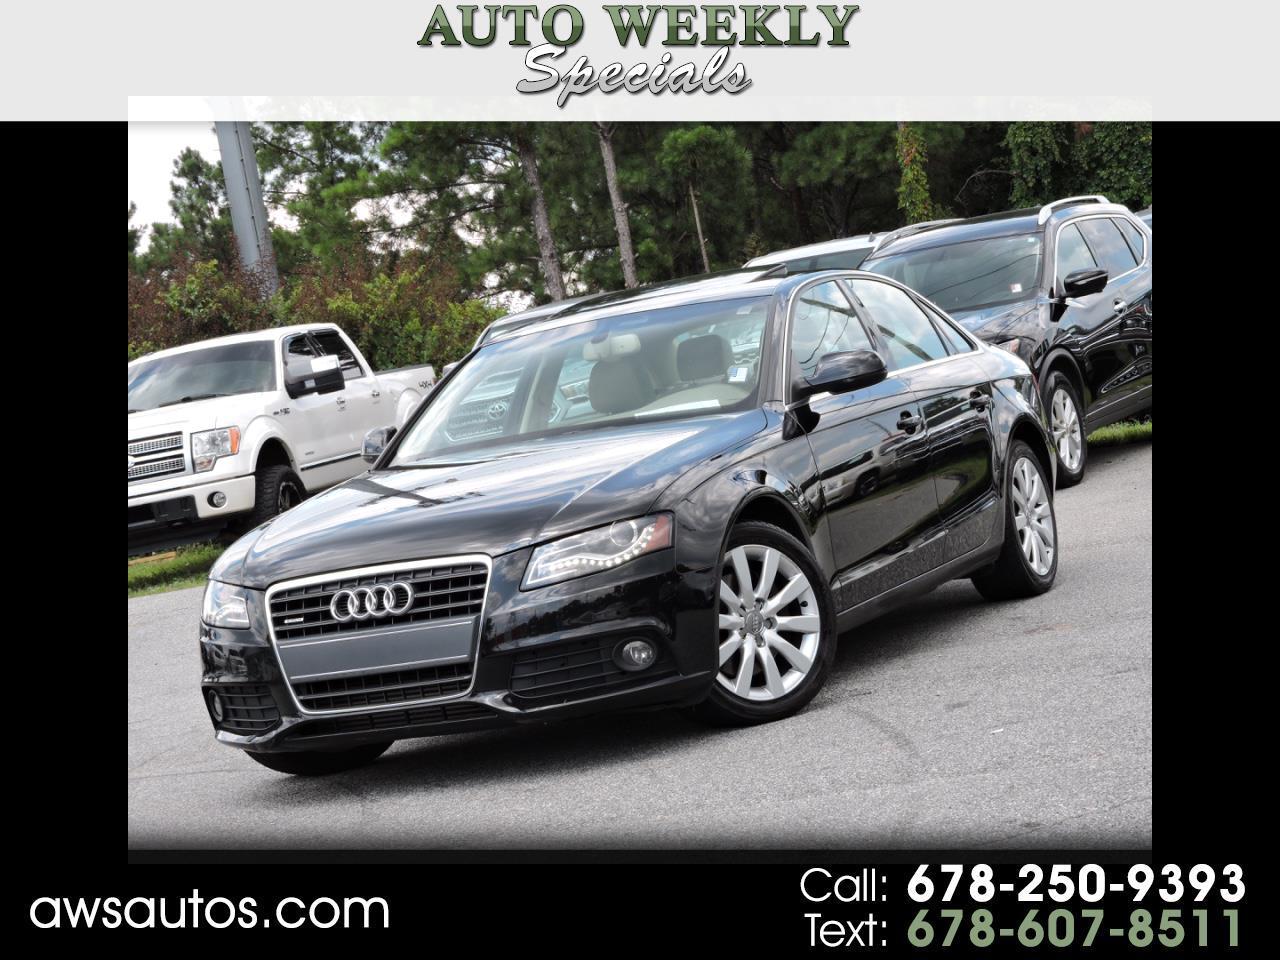 2011 Audi A4 4dr Sdn Auto quattro 2.0T Premium  Plus